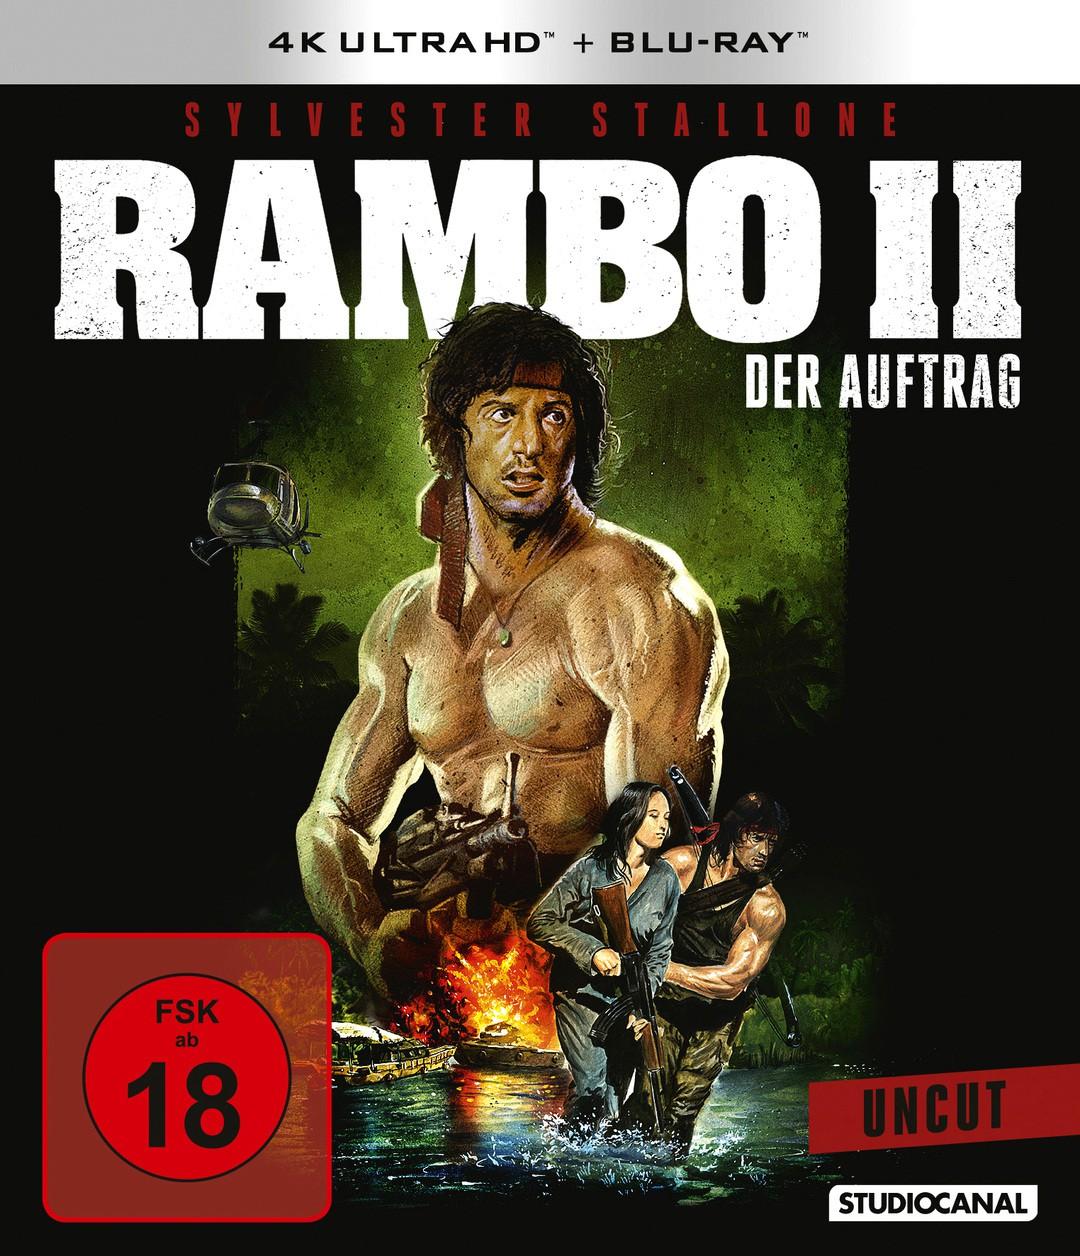 Rambo II - Der Auftrag Trailer - Bild 1 von 4